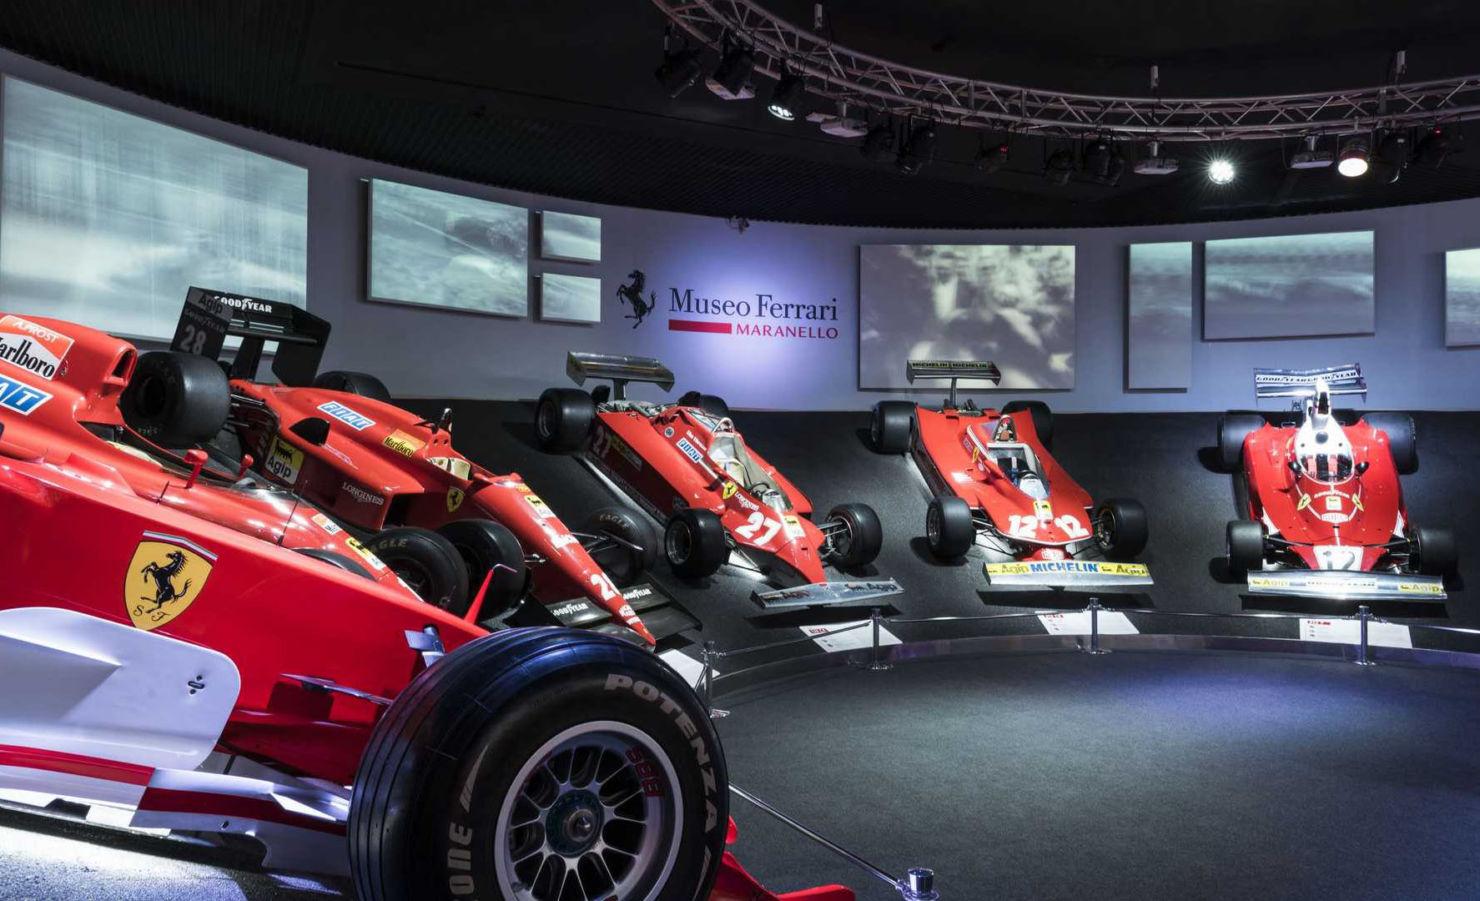 Si eres amante de los autos, estos museos virtuales son perfectos para ti